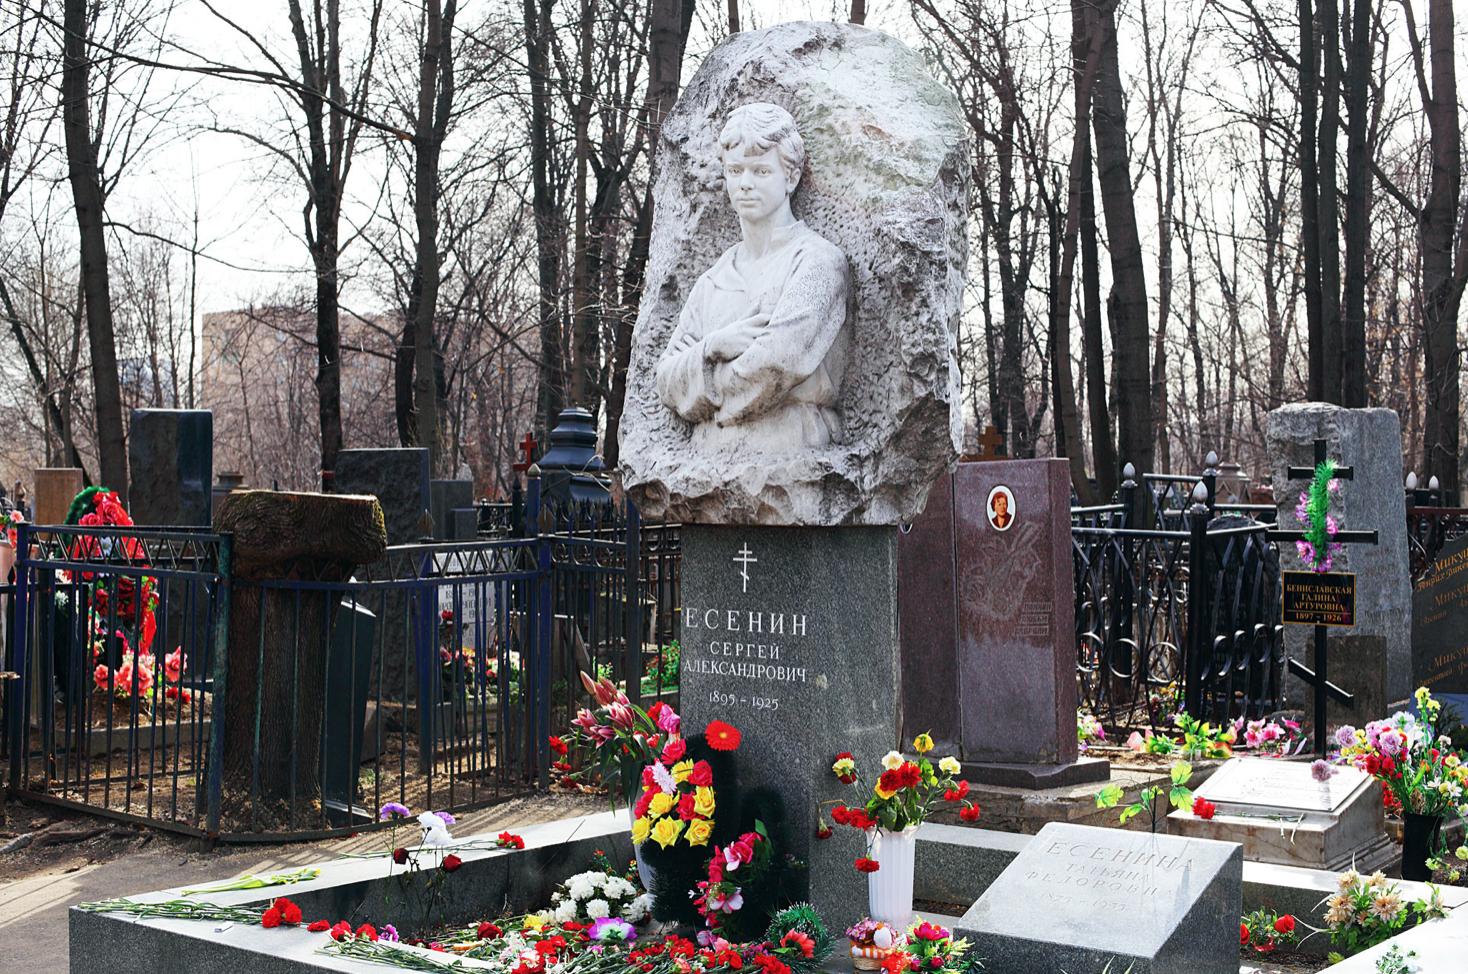 Pierre tombale de Sergueï Essénine au cimetière Vagankovo. La croix noire sur le côté gauche se trouve sur la tombe de Galina Benislavskaïa.